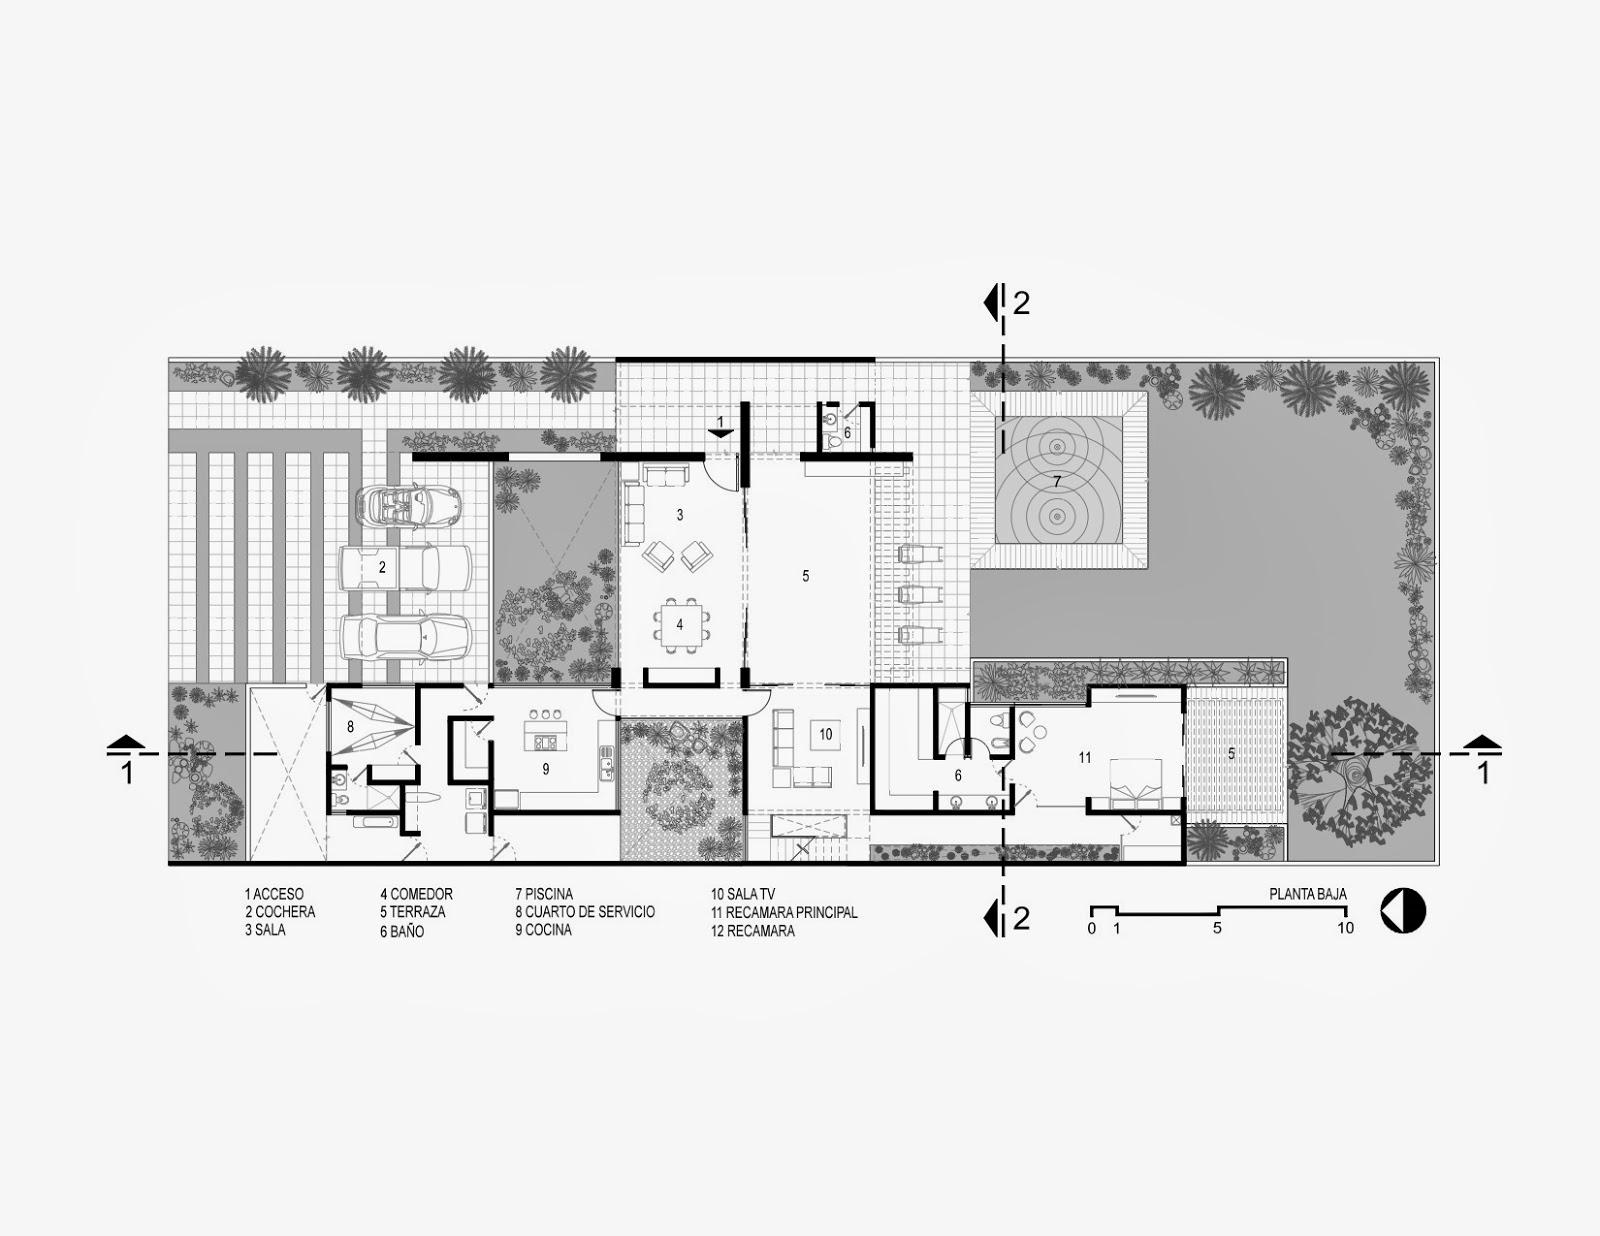 Apuntes revista digital de arquitectura proyecto for Plantas de arquitectura